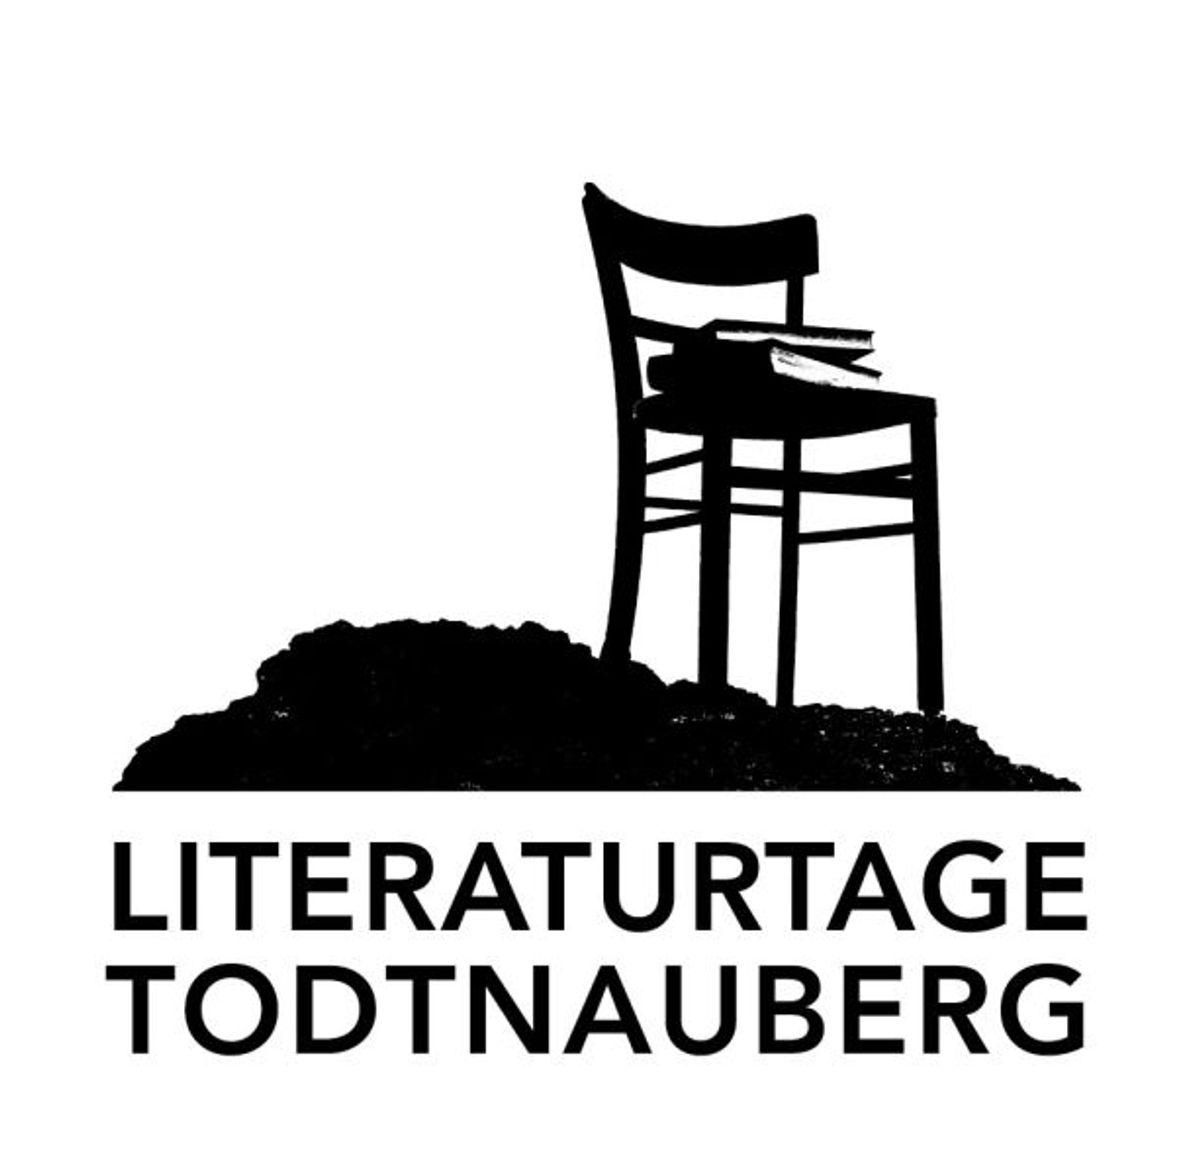 Literaturtage 2021